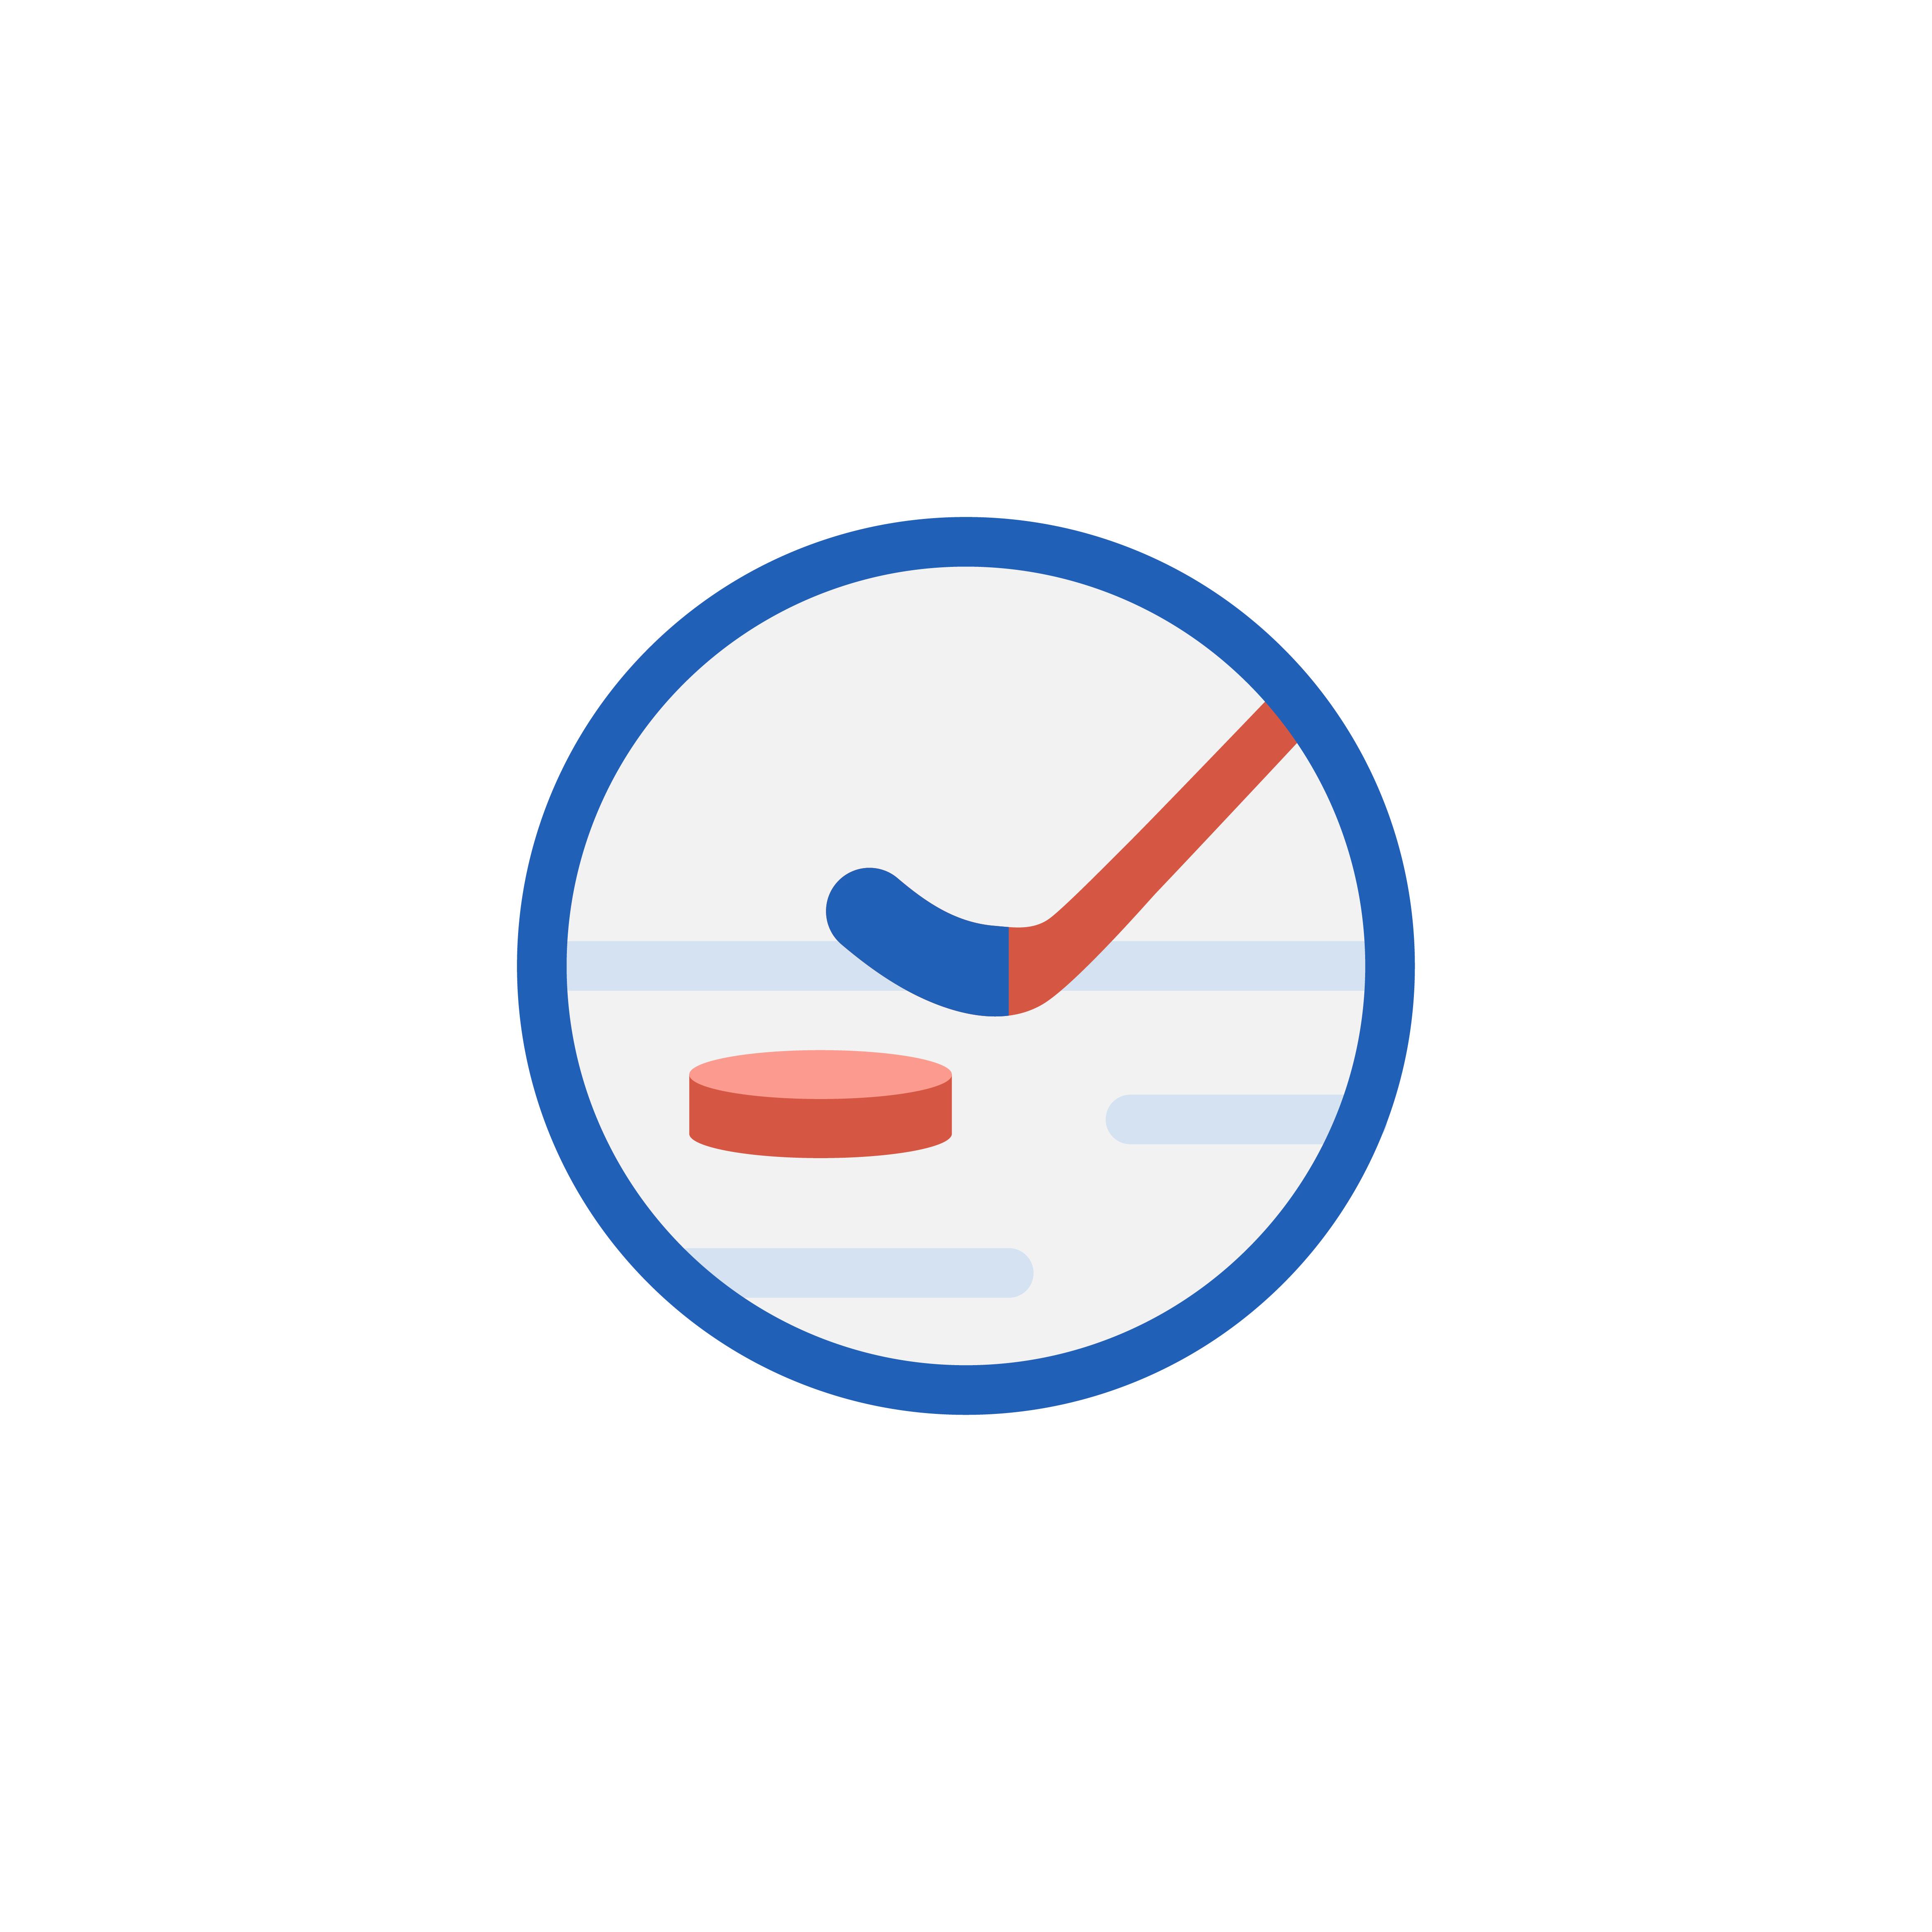 Ilustração do ícone de hóquei no gelo - Download Vetores Gratis, Desenhos  de Vetor, Modelos e Clipart